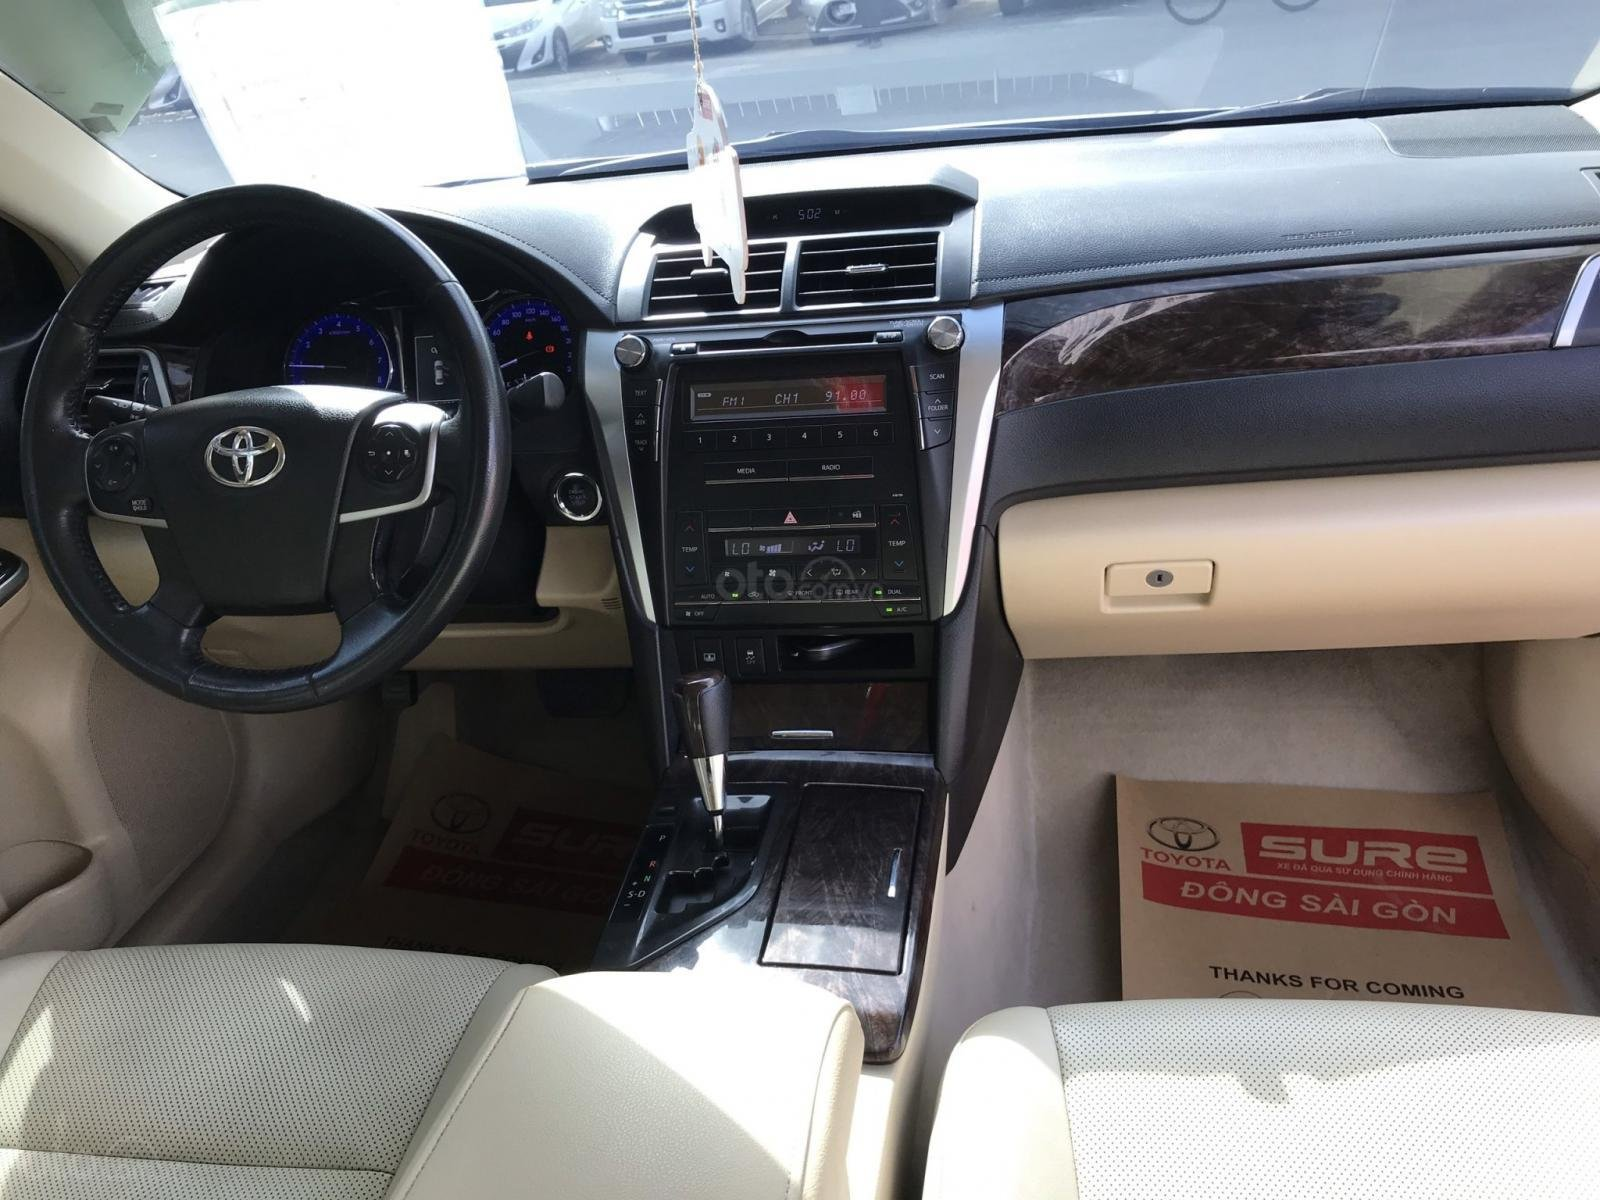 Bán Camry 2.5G 2015 màu ghi xanh, xe lái thử Toyota thanh lý, giá còn giảm sâu nhé (5)